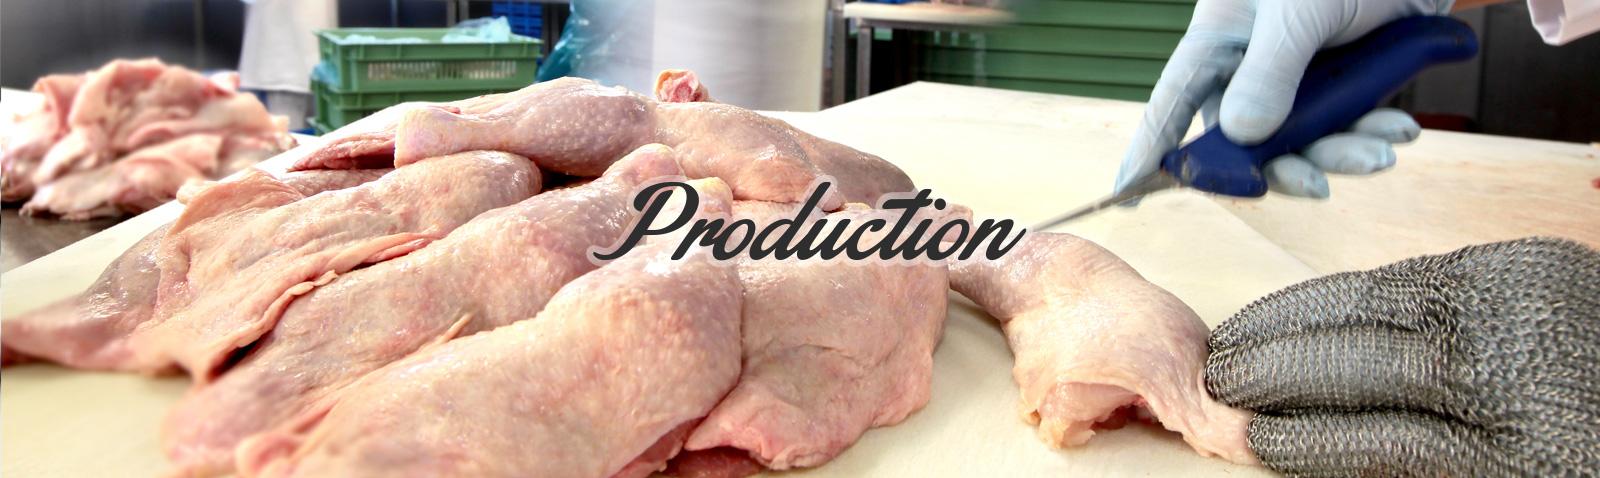 banner-produktion-fr